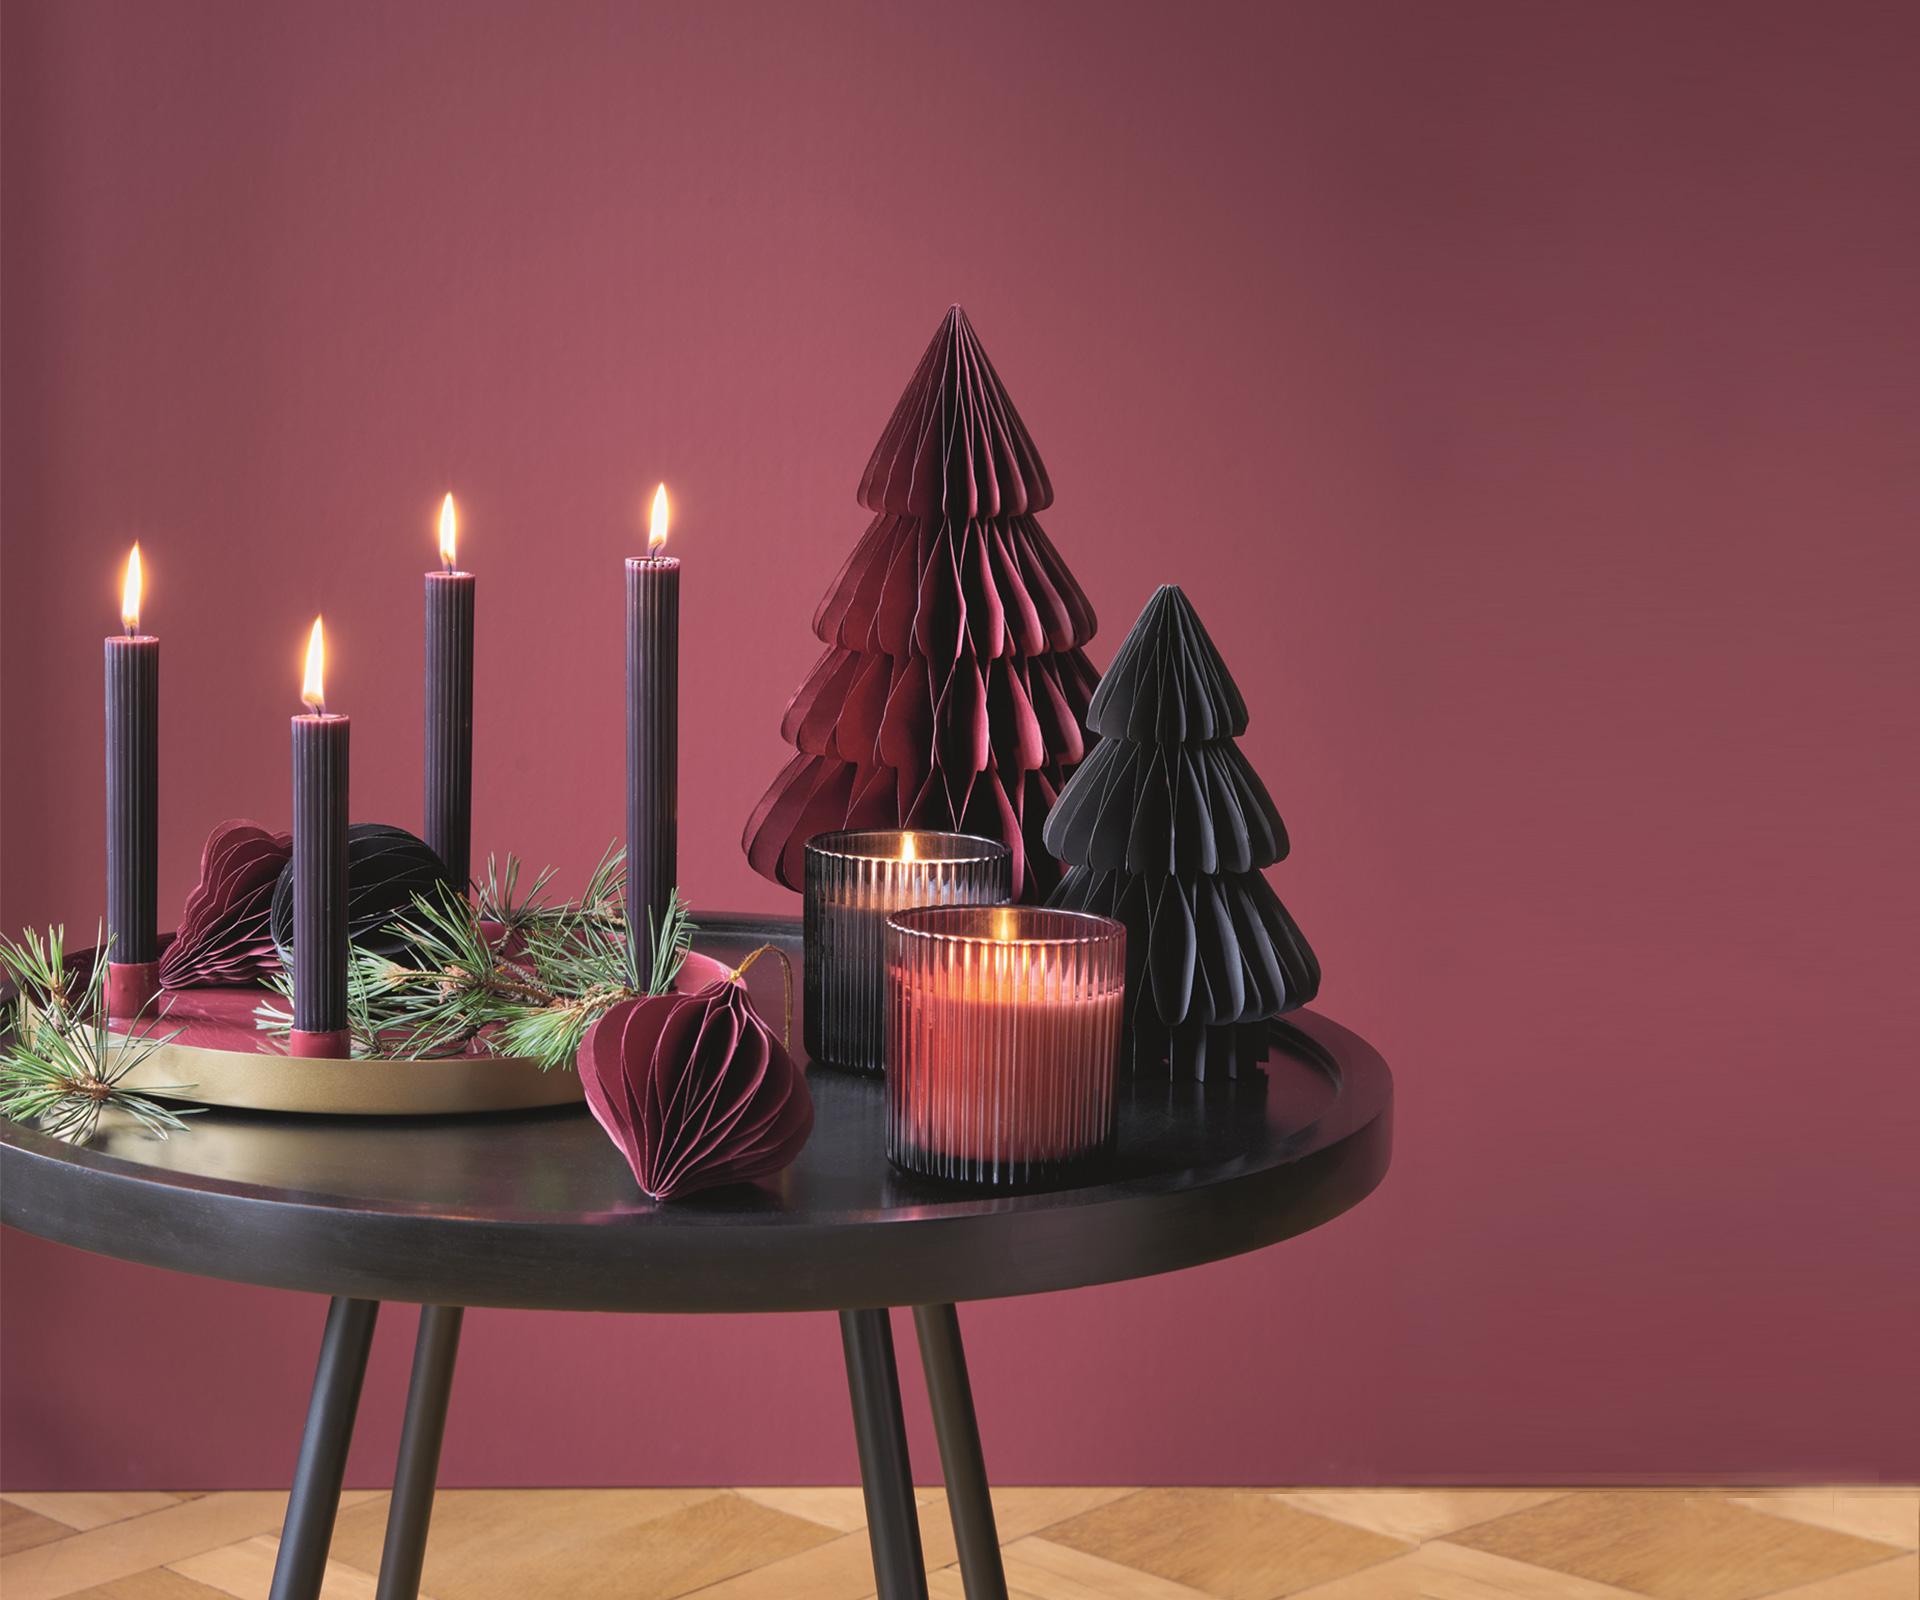 Decorare Finestre Per Natale Scuola decorazioni natalizie e per l'avvento | famigros